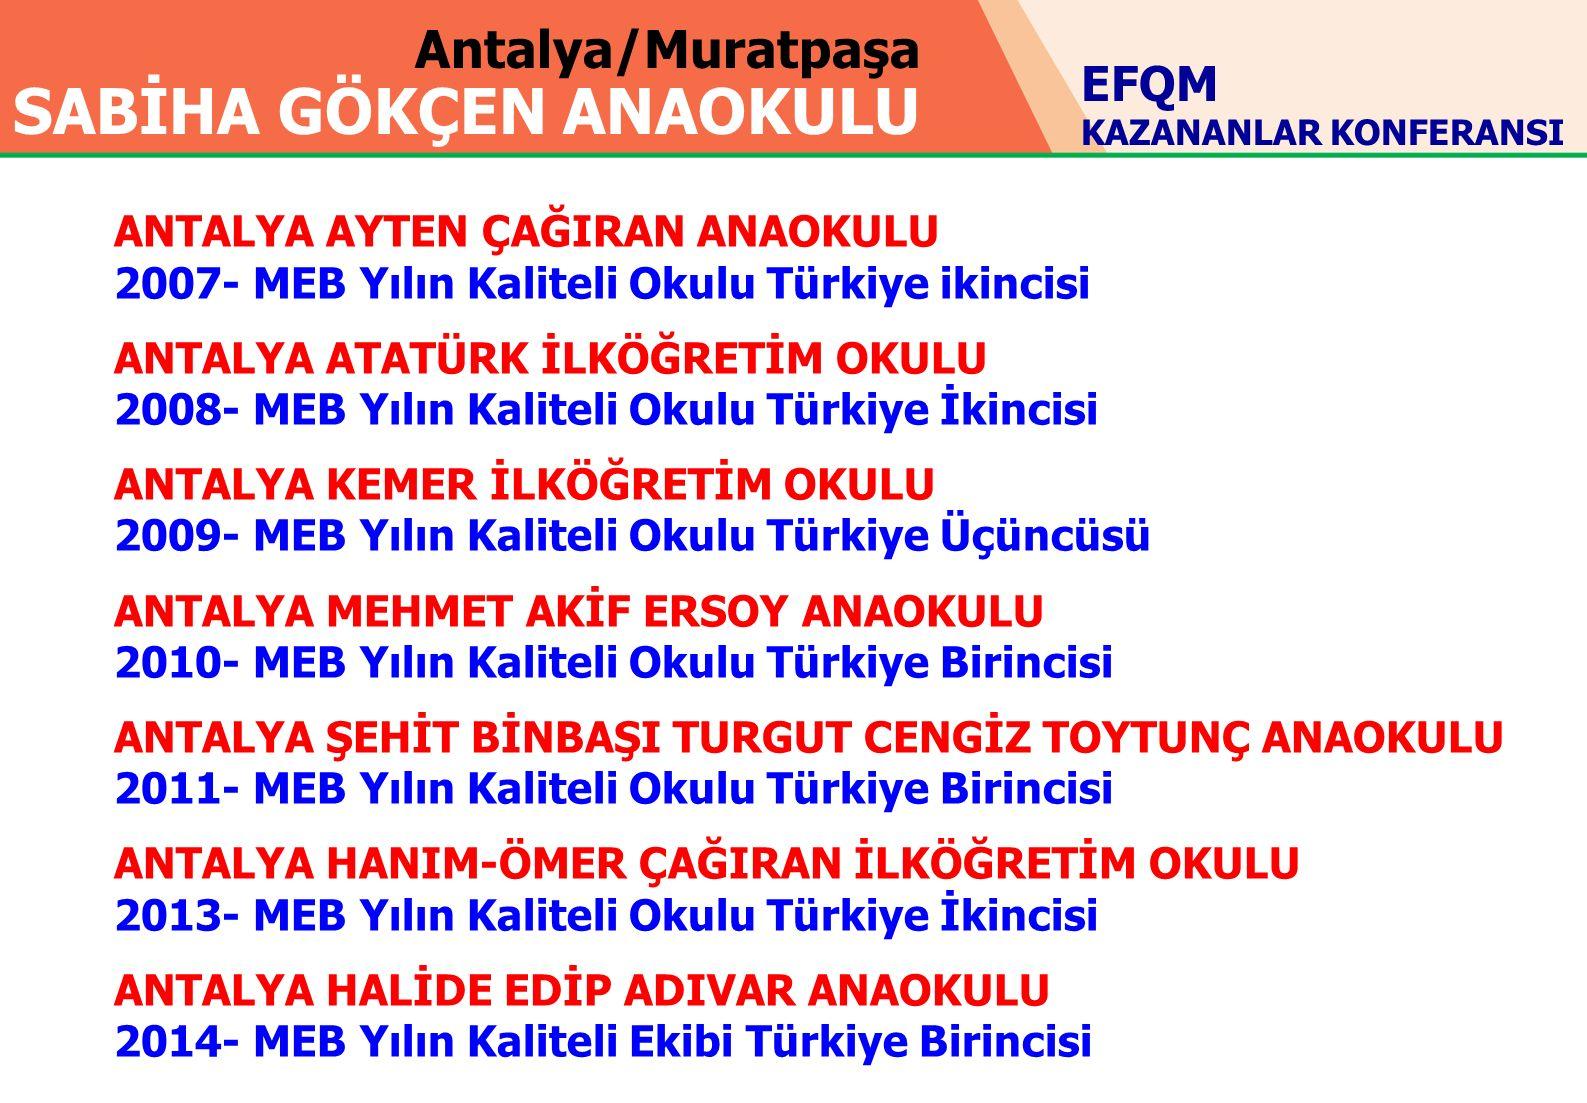 Antalya/Muratpaşa SABİHA GÖKÇEN ANAOKULU ANTALYA AYTEN ÇAĞIRAN ANAOKULU 2007- MEB Yılın Kaliteli Okulu Türkiye ikincisi ANTALYA ATATÜRK İLKÖĞRETİM OKULU 2008- MEB Yılın Kaliteli Okulu Türkiye İkincisi ANTALYA KEMER İLKÖĞRETİM OKULU 2009- MEB Yılın Kaliteli Okulu Türkiye Üçüncüsü ANTALYA MEHMET AKİF ERSOY ANAOKULU 2010- MEB Yılın Kaliteli Okulu Türkiye Birincisi ANTALYA ŞEHİT BİNBAŞI TURGUT CENGİZ TOYTUNÇ ANAOKULU 2011- MEB Yılın Kaliteli Okulu Türkiye Birincisi ANTALYA HANIM-ÖMER ÇAĞIRAN İLKÖĞRETİM OKULU 2013- MEB Yılın Kaliteli Okulu Türkiye İkincisi ANTALYA HALİDE EDİP ADIVAR ANAOKULU 2014- MEB Yılın Kaliteli Ekibi Türkiye Birincisi EFQM KAZANANLAR KONFERANSI